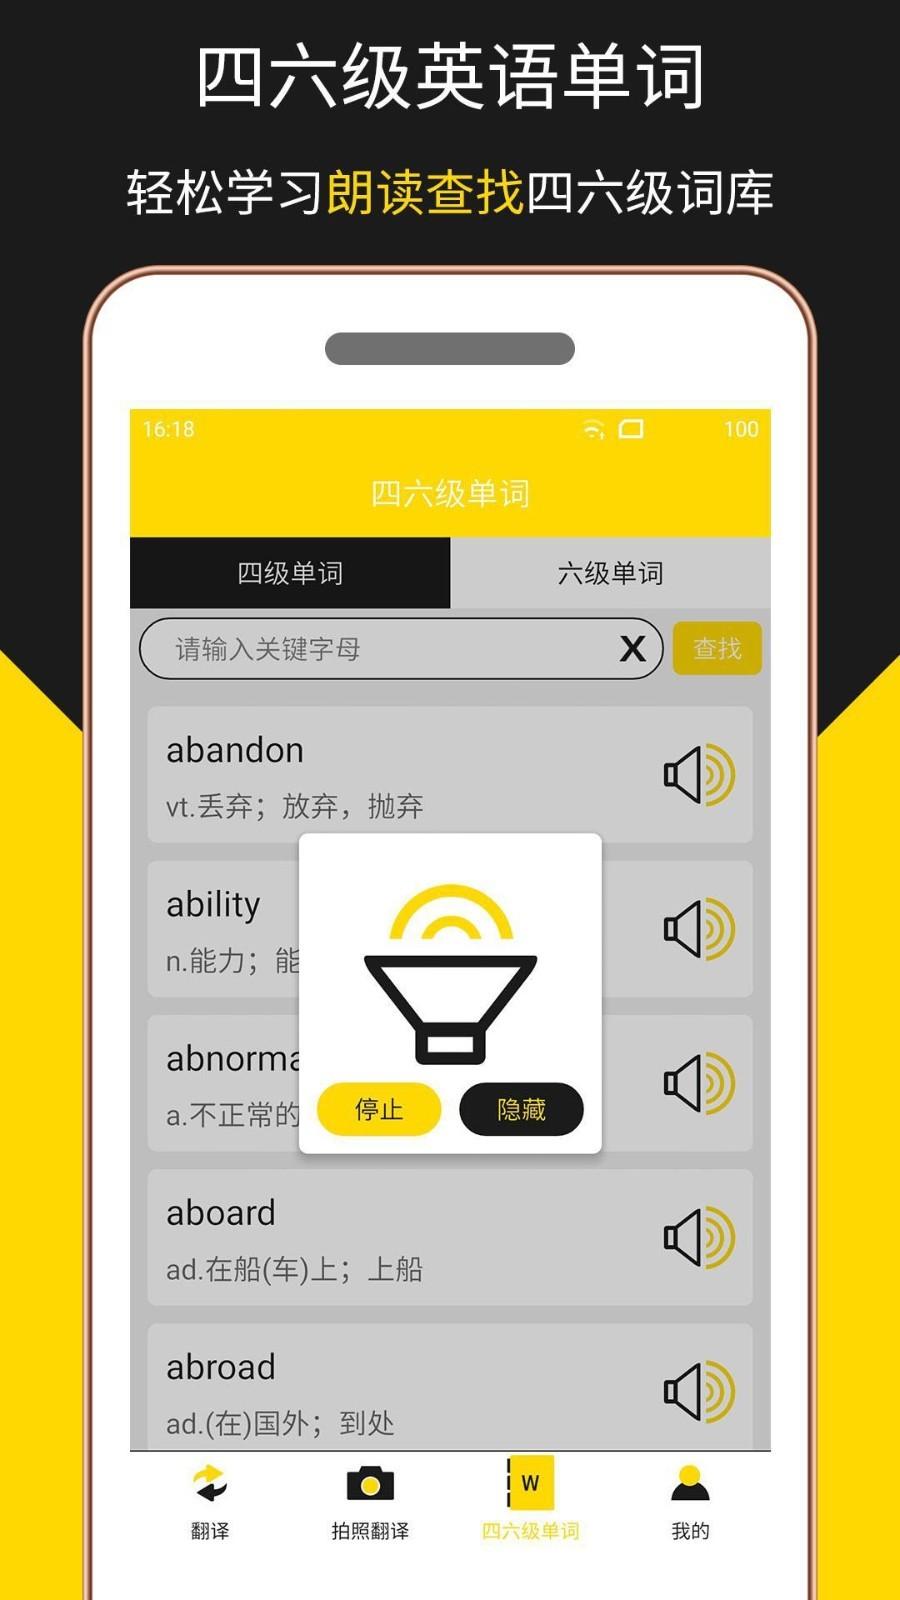 多语言拍照翻译 V1.1.5 安卓版截图1